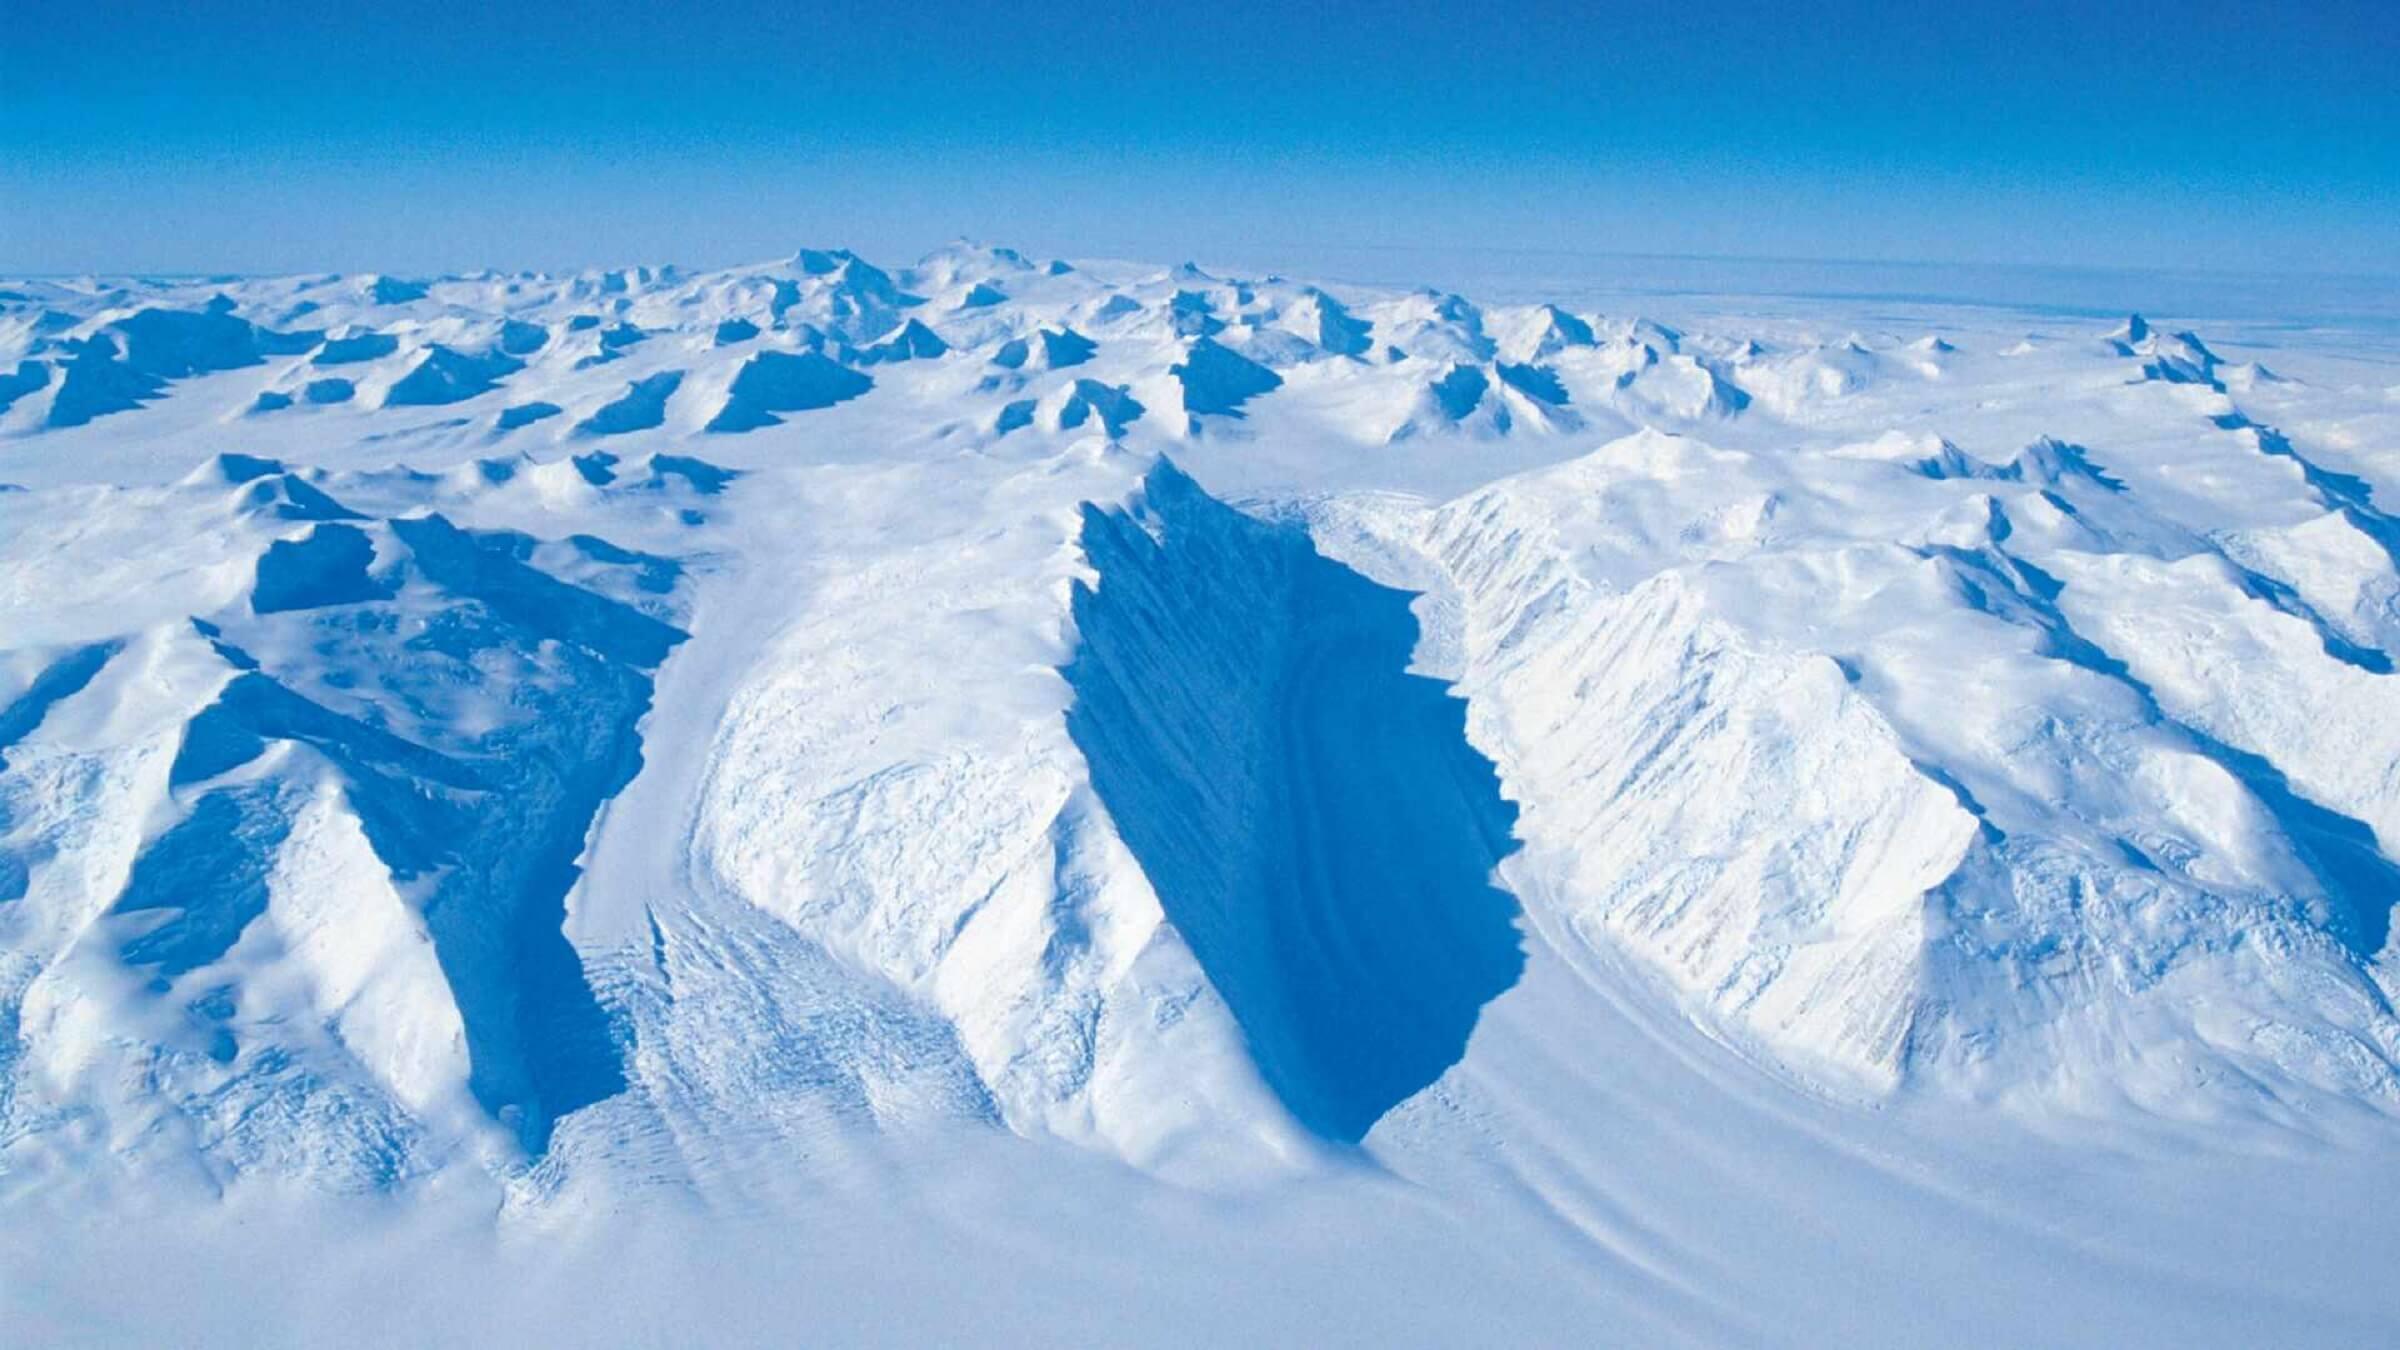 Qantas Antarctica Flights